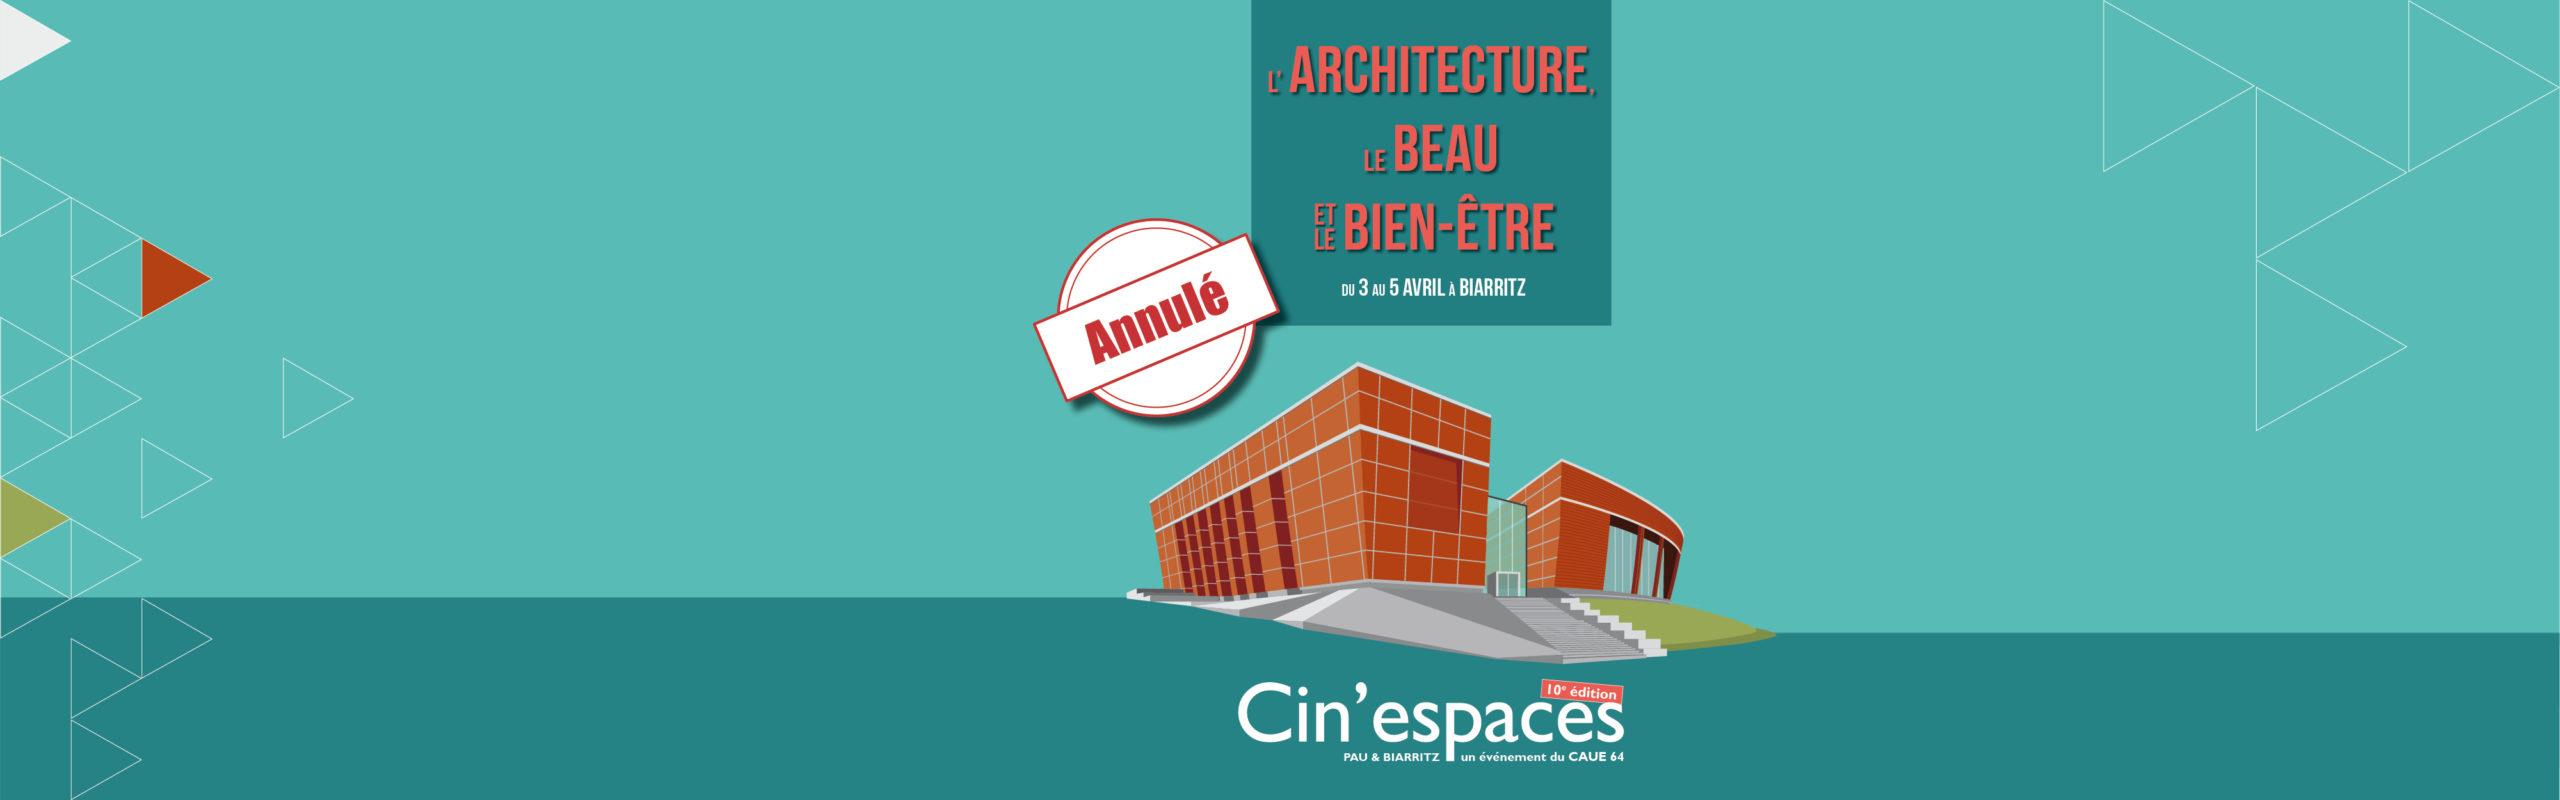 Les festival Cin'espaces de Biarritz est annulé